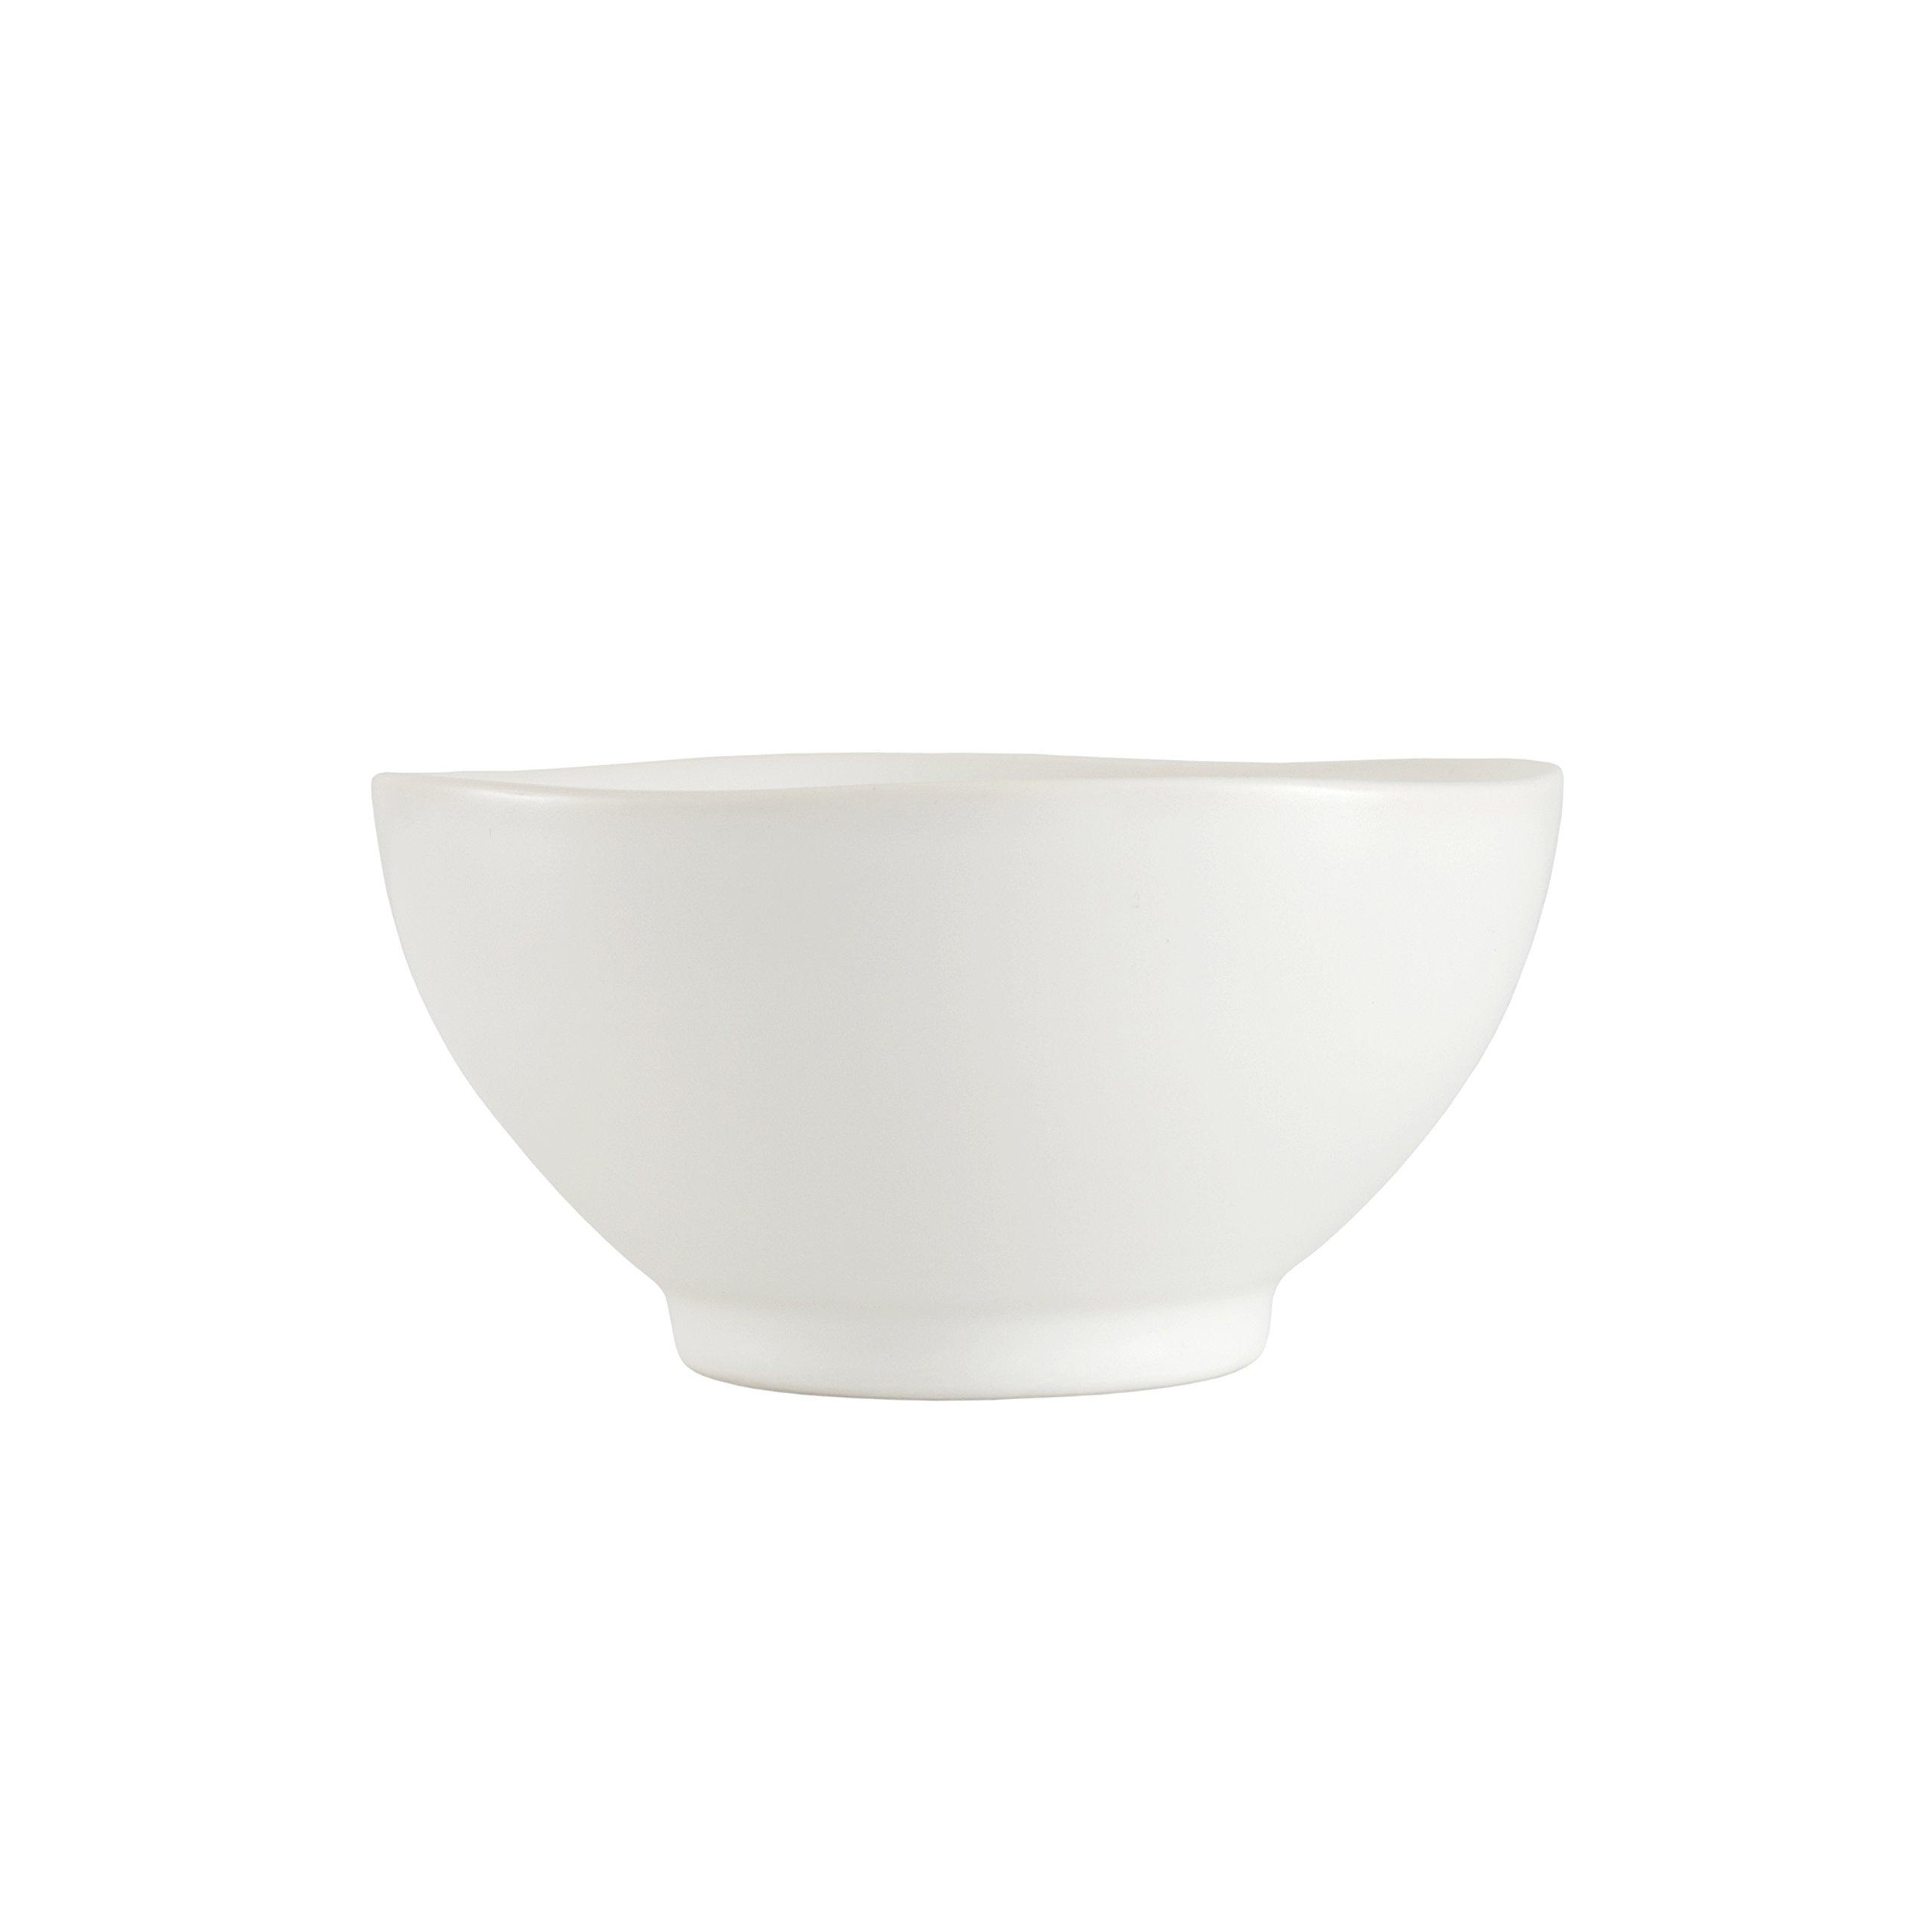 Fortessa Vitraluxe Dinnerware Heirloom Matte Finish Rice Bowl 5.75-Inch, Linen, Set of 4